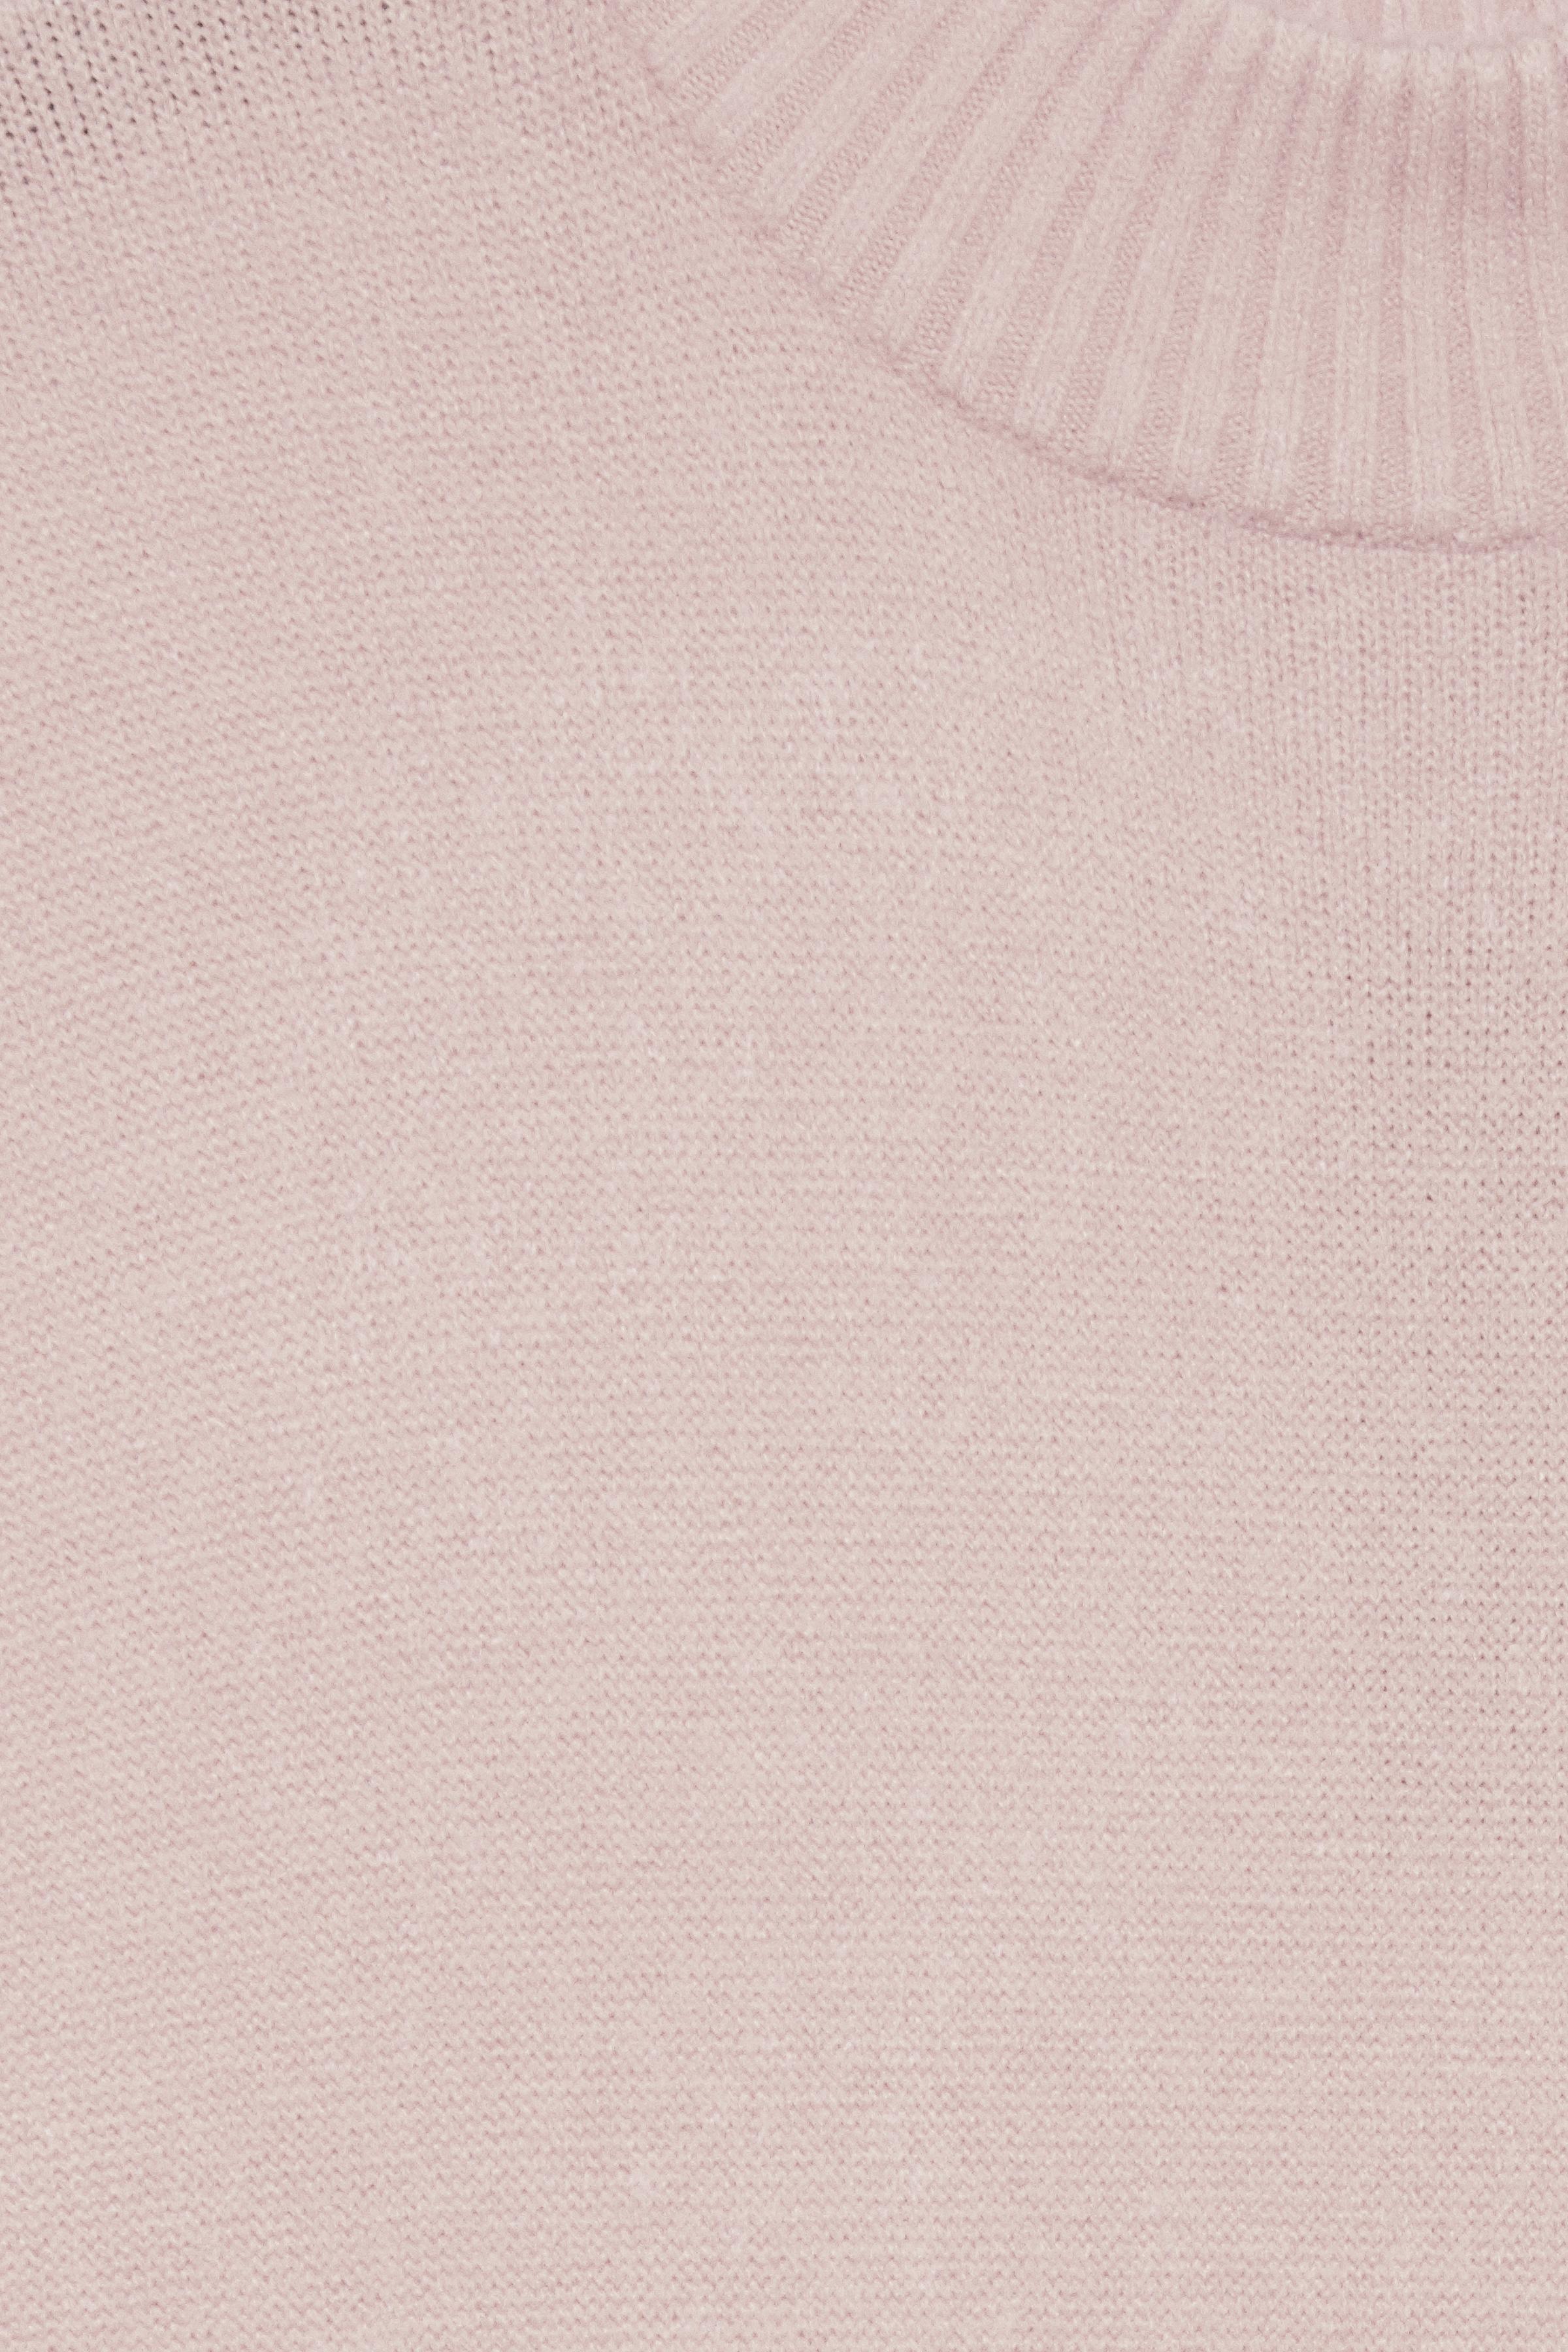 Rose Cloud Strickpullover von b.young – Kaufen Sie Rose Cloud Strickpullover aus Größe XS-XXL hier